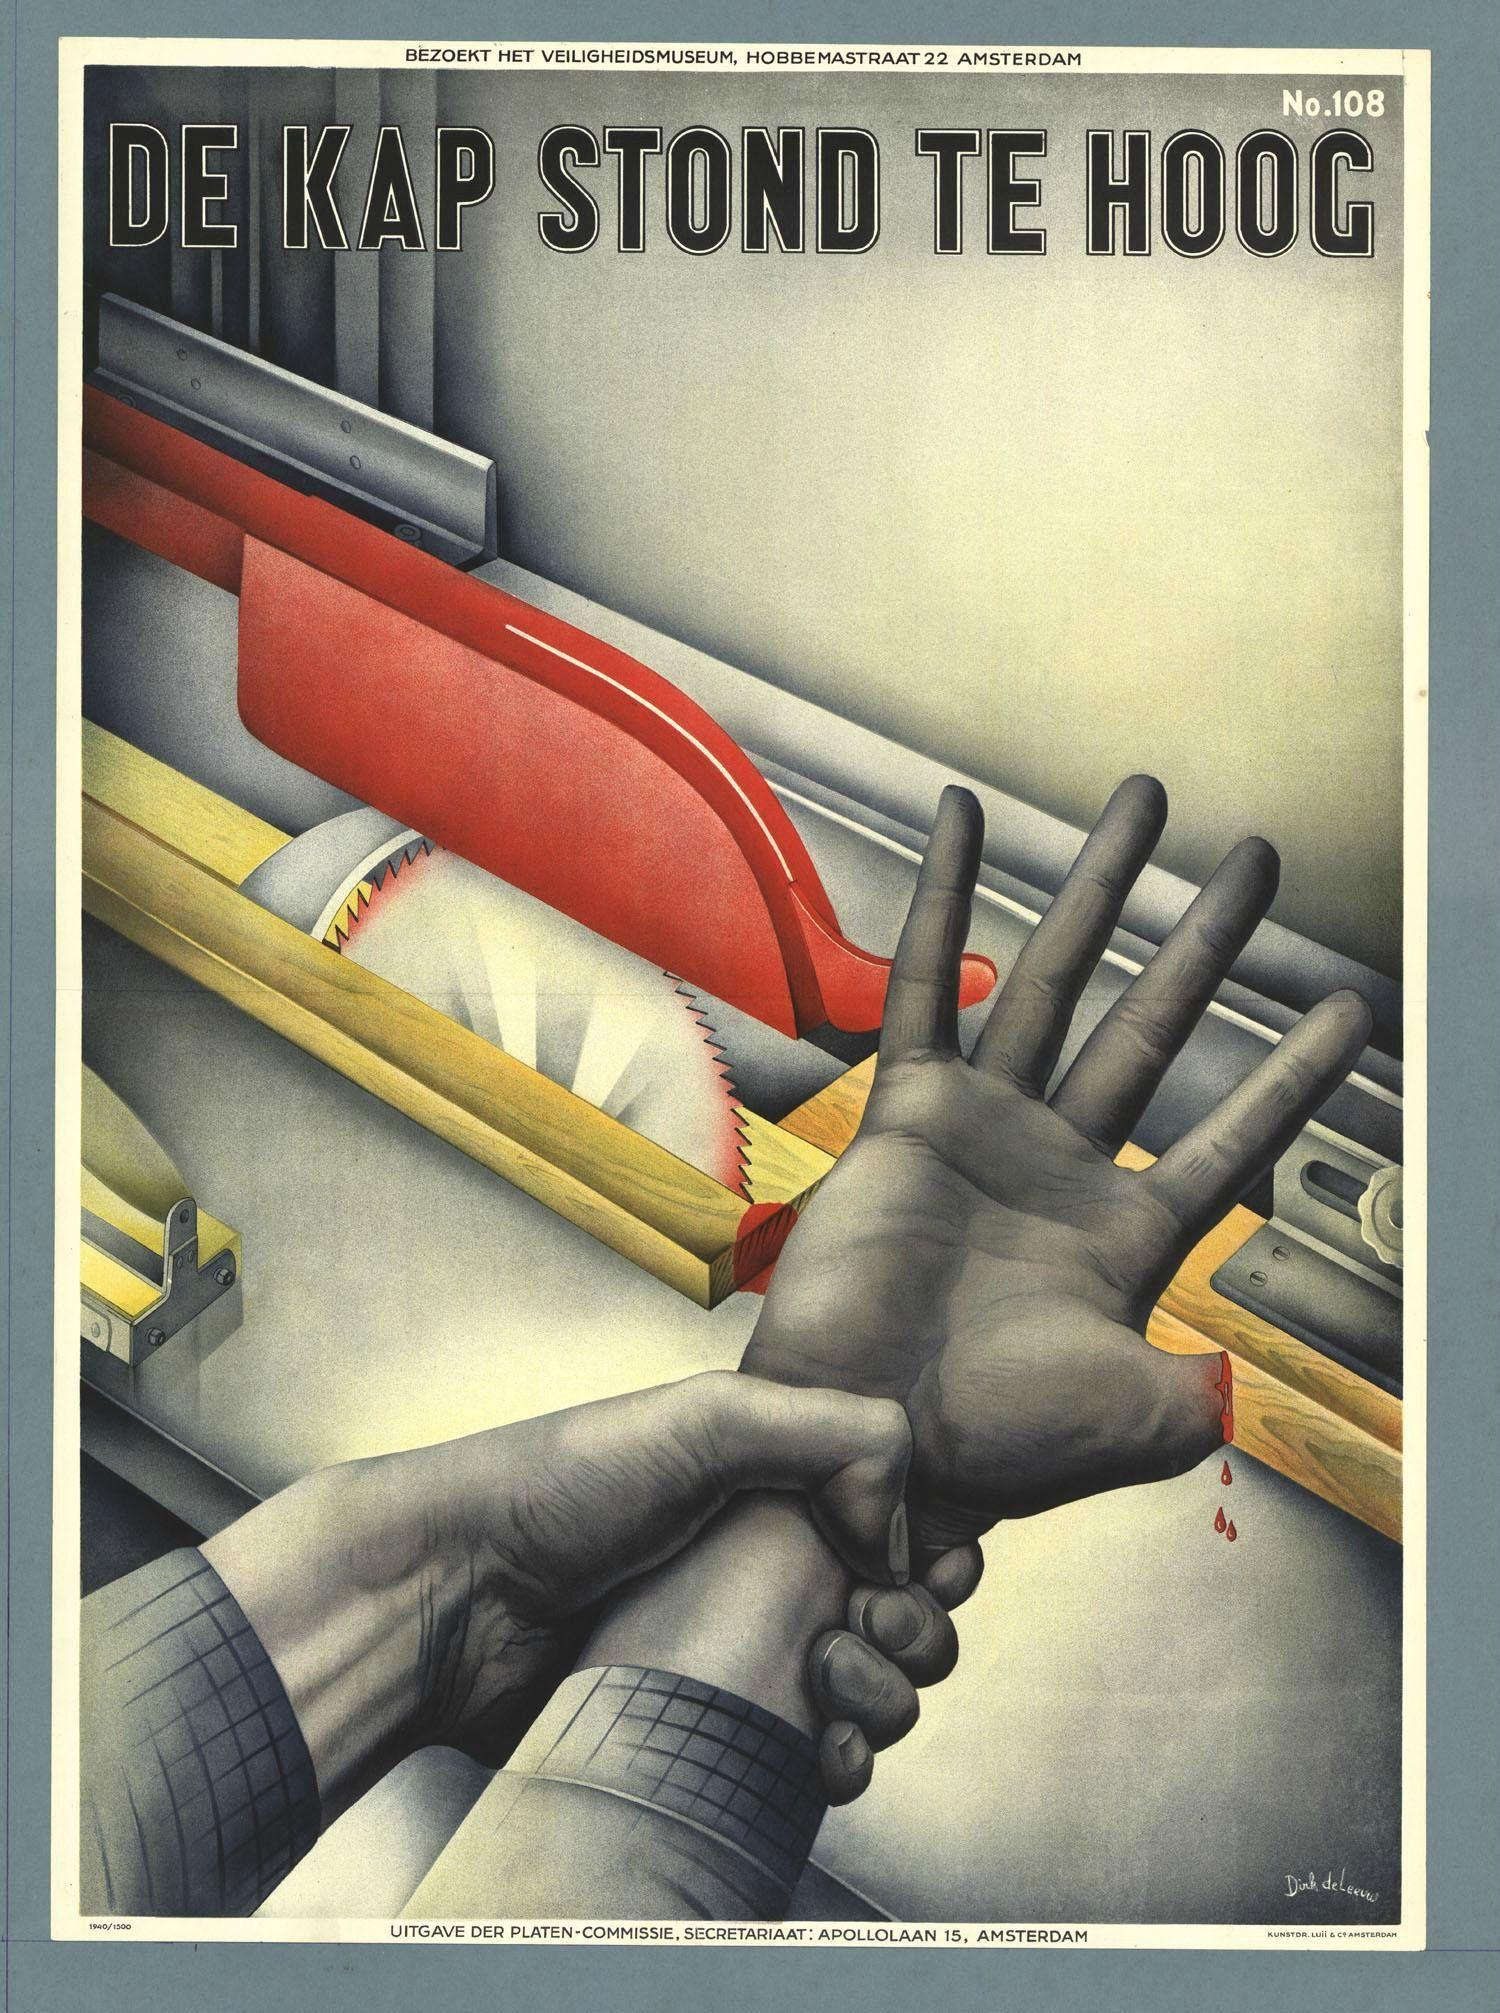 Colección posters antiguos de riesgos laborales de Holanda (III)